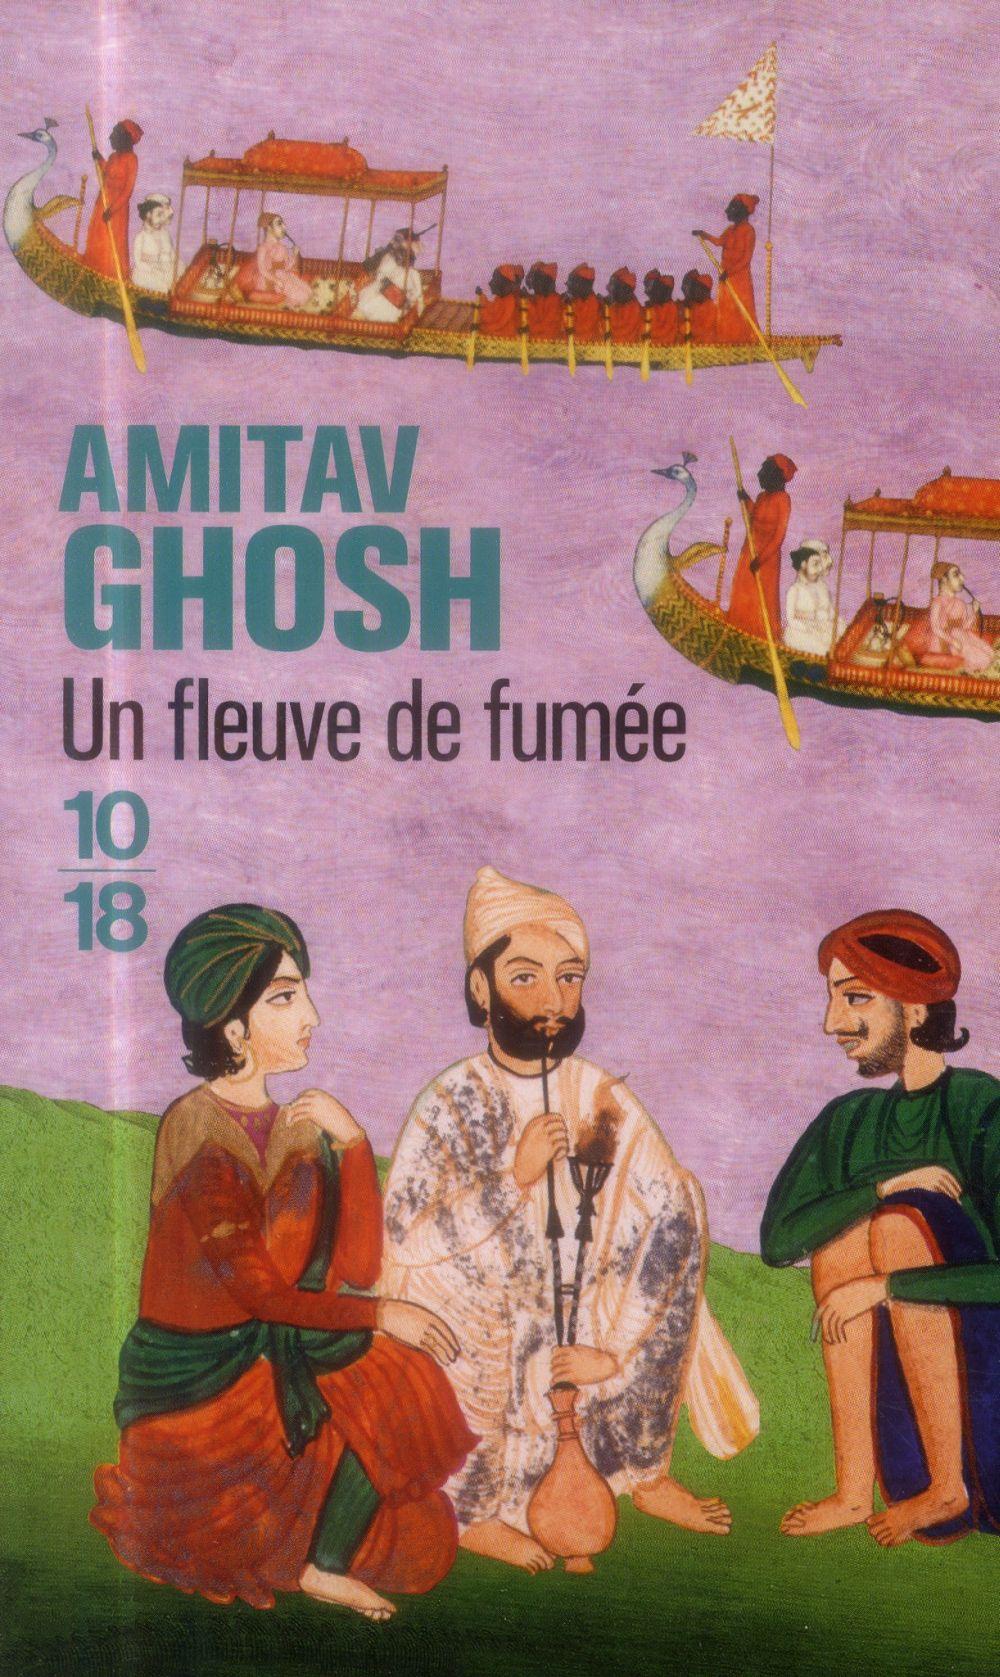 UN FLEUVE DE FUMEE Ghosh Amitav 10-18